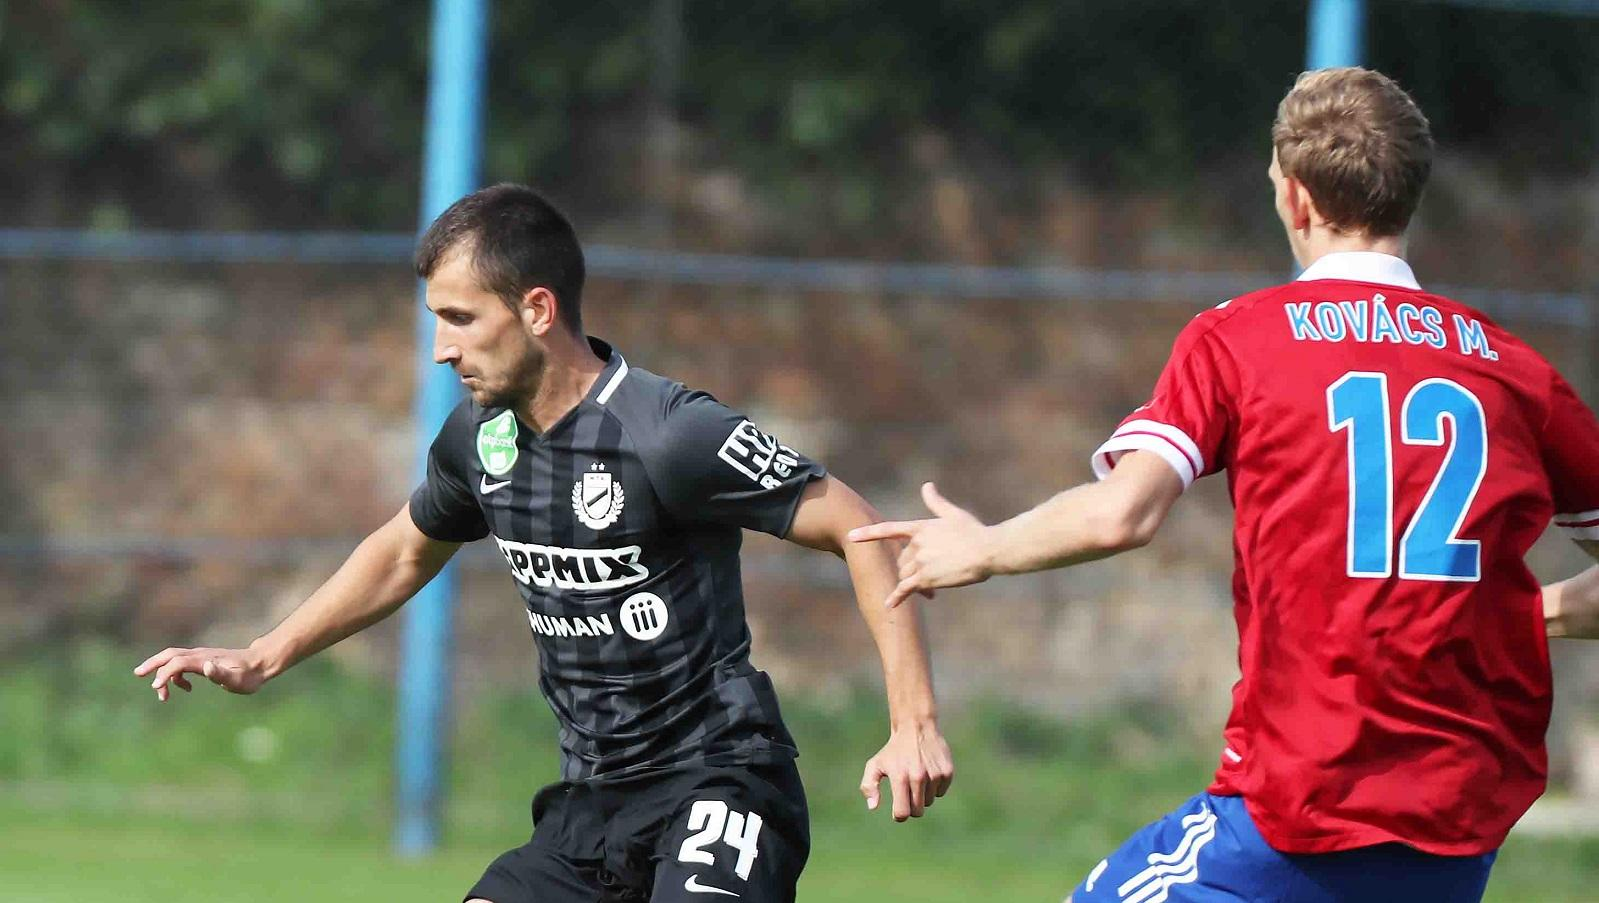 """Dimitrov: """"Úgy érzem, remek állapotban vagyok, nem lesz gond a beilleszkedéssel"""" (videó)"""